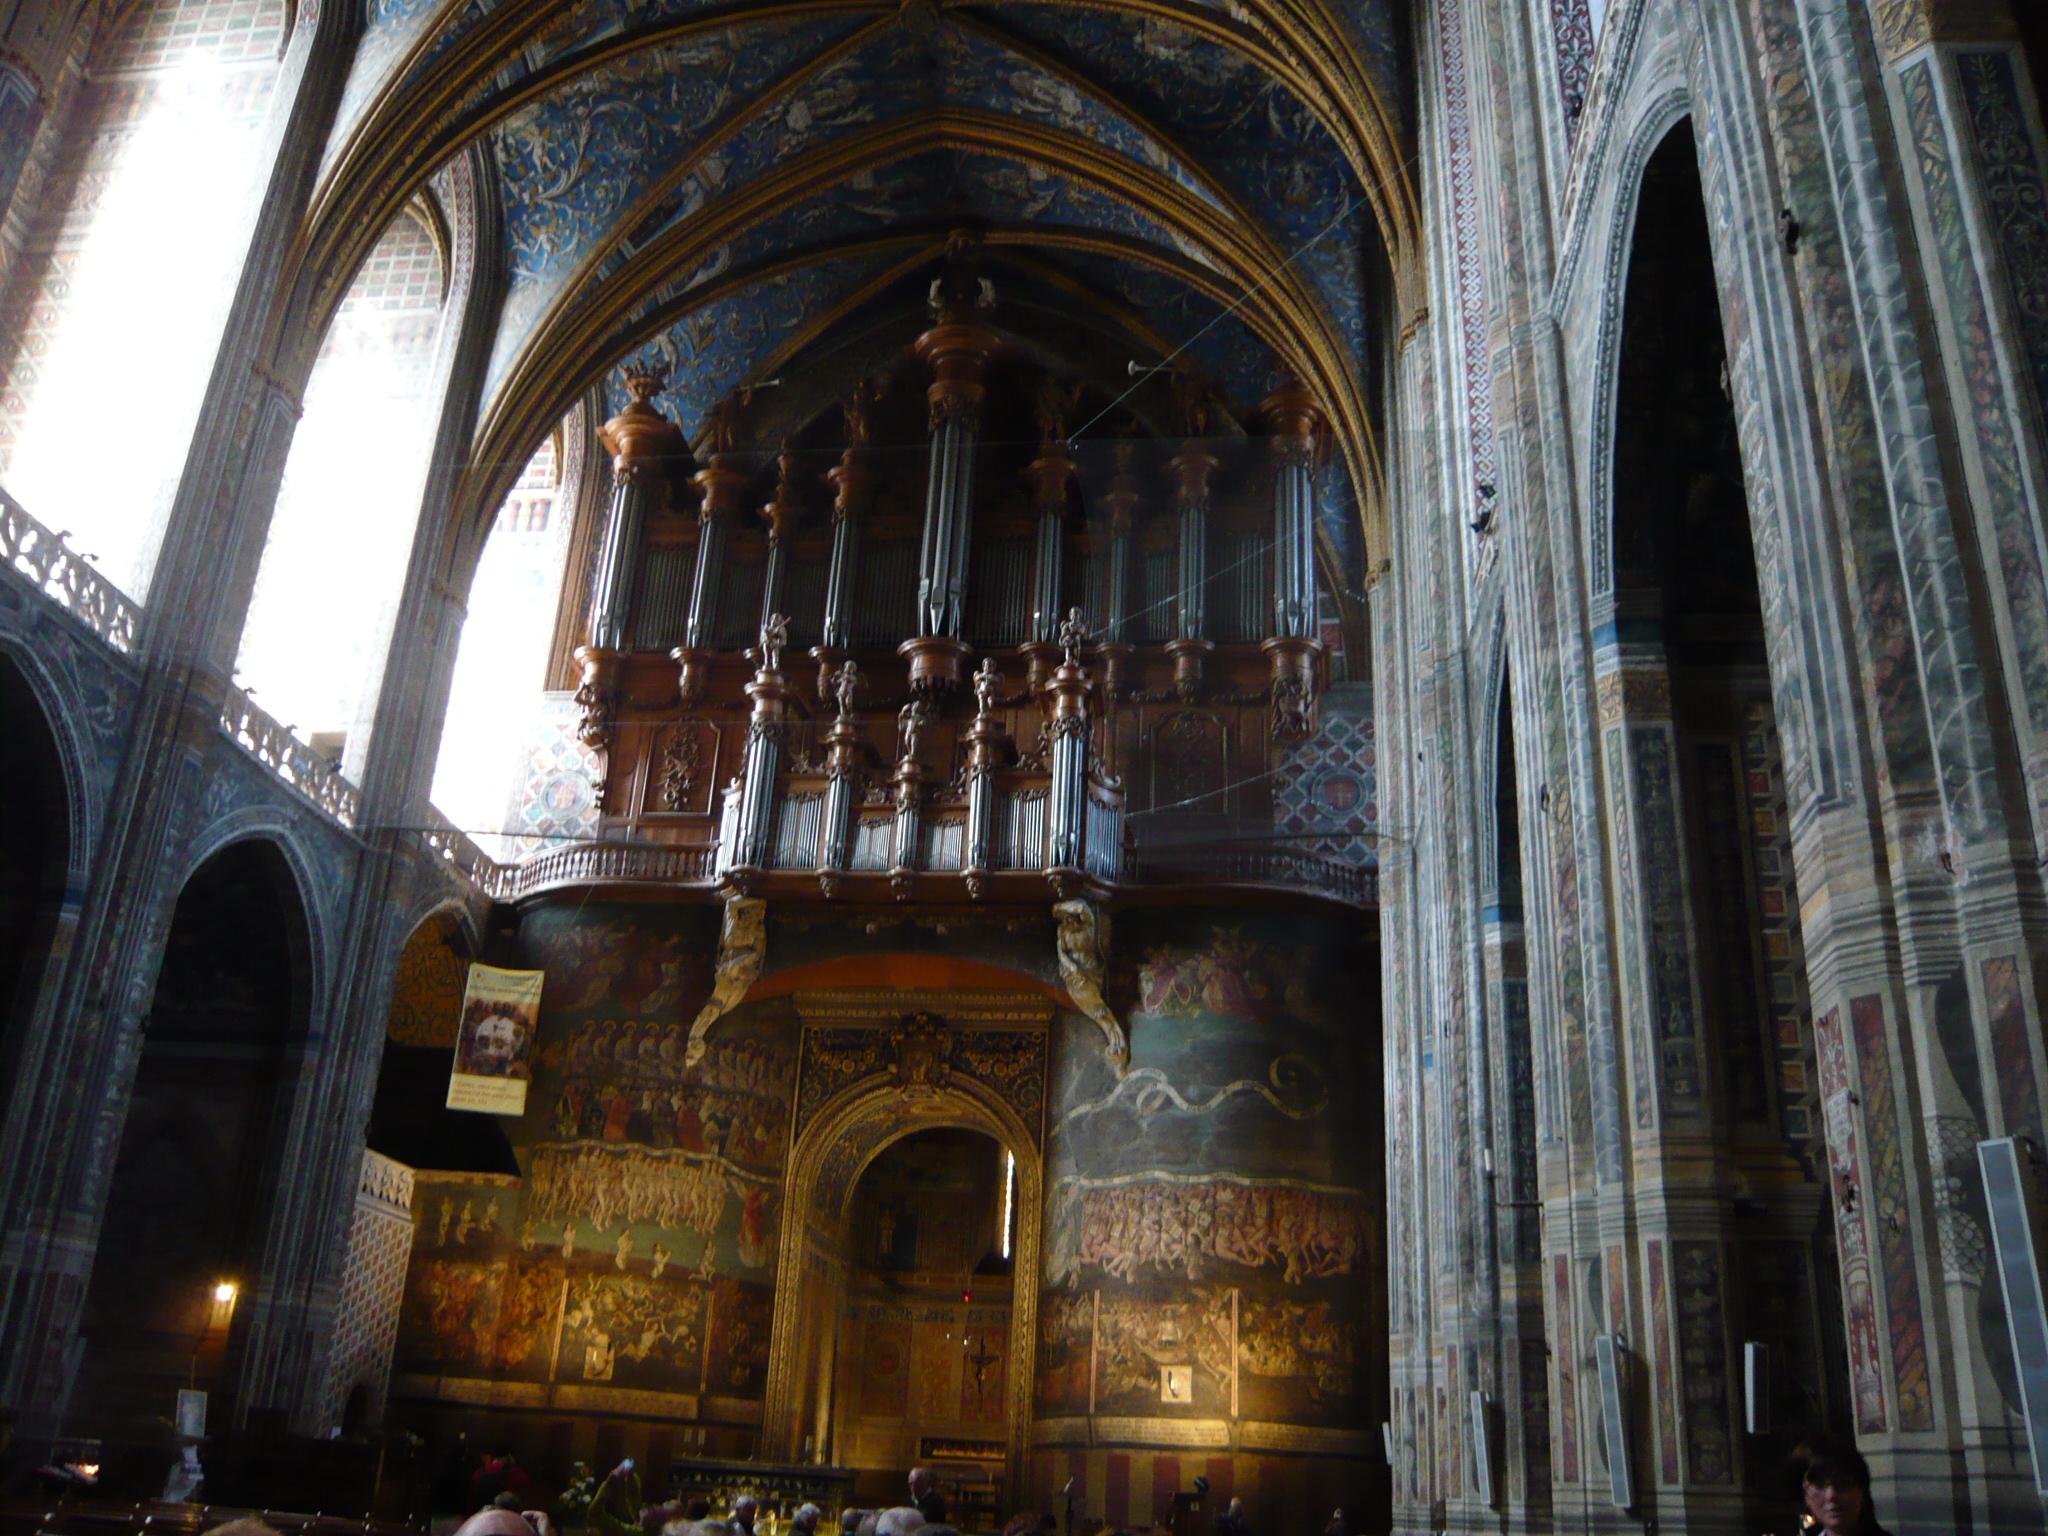 Le grand orgue au dessus du jugement dernier